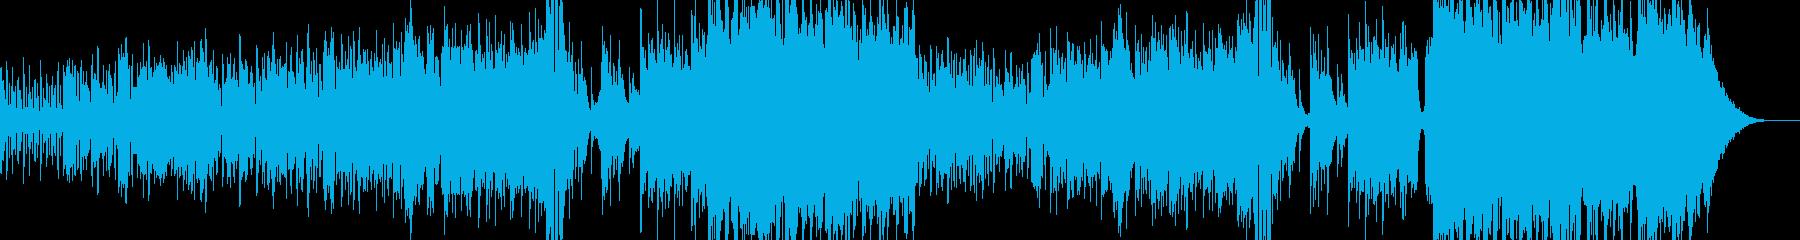 ハロウィンナイト・異世界風ワルツ Cの再生済みの波形